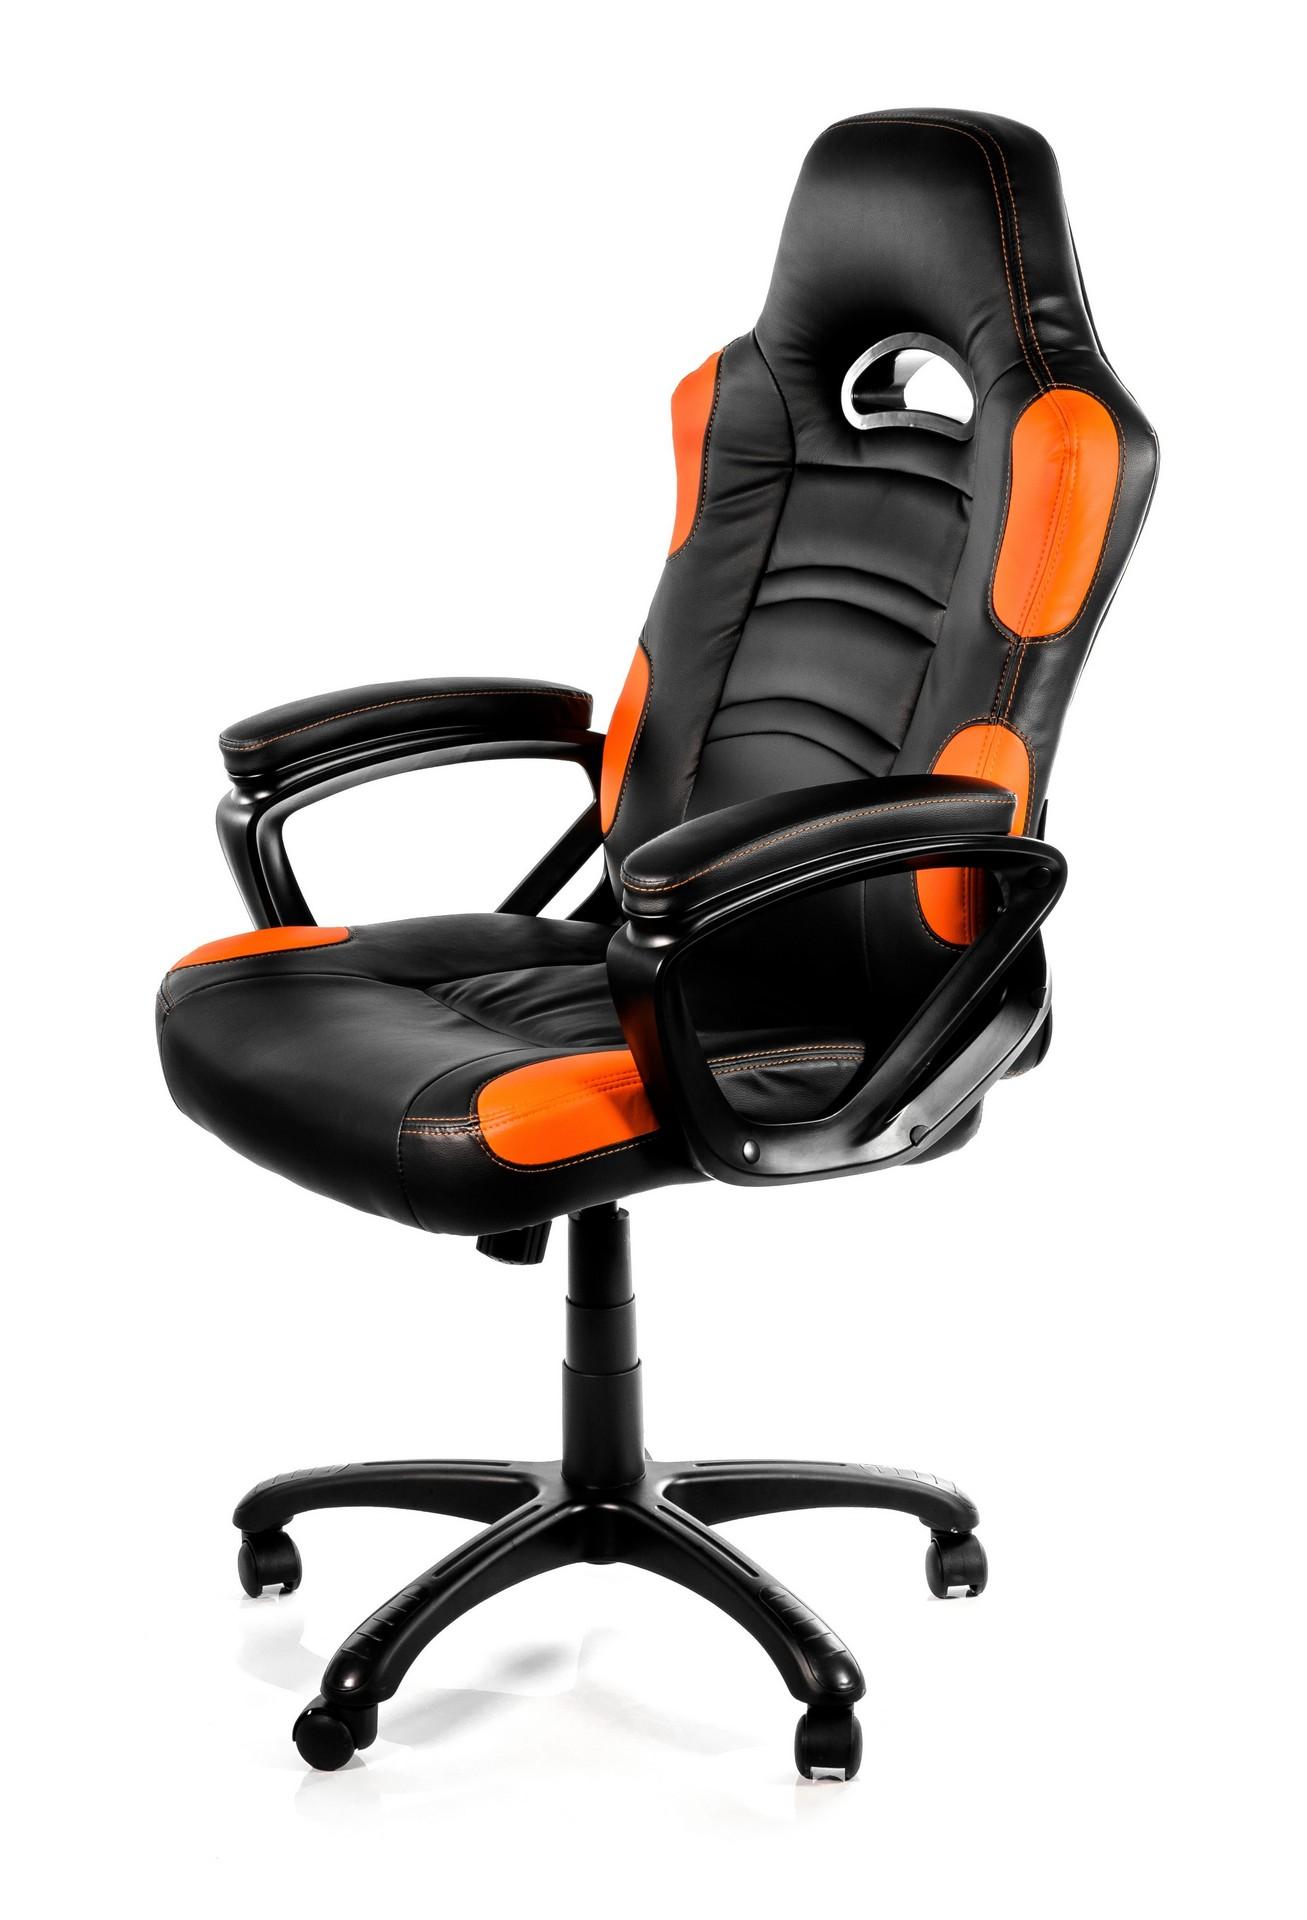 Arozzi Enzo Gaming Chair Black/Orange ARO-E-OR